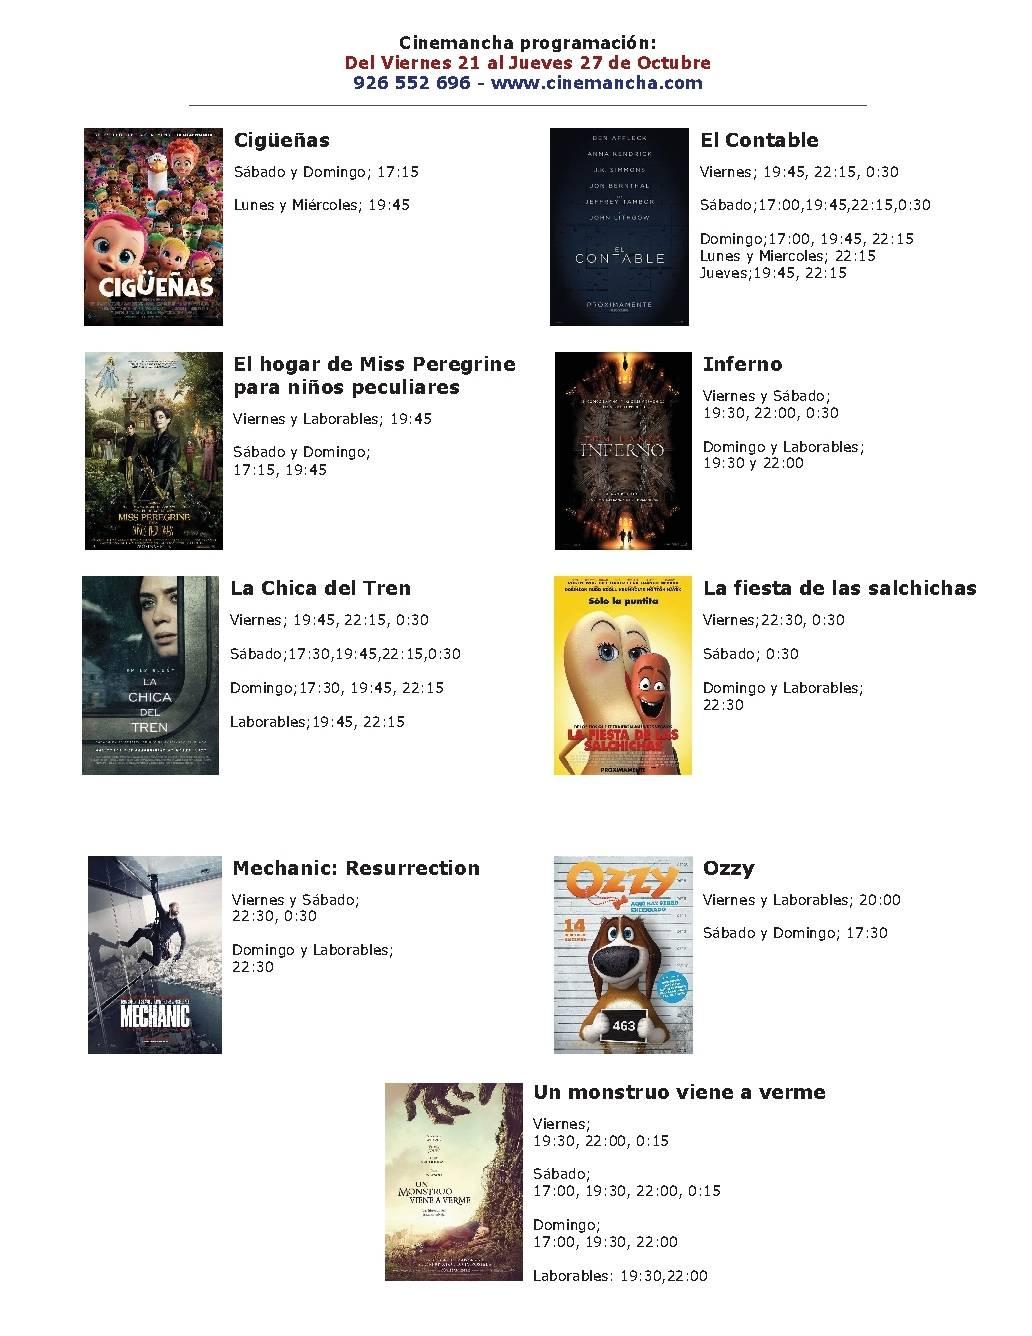 Programación de Cinemancha del 21 al 27 de octubre 1